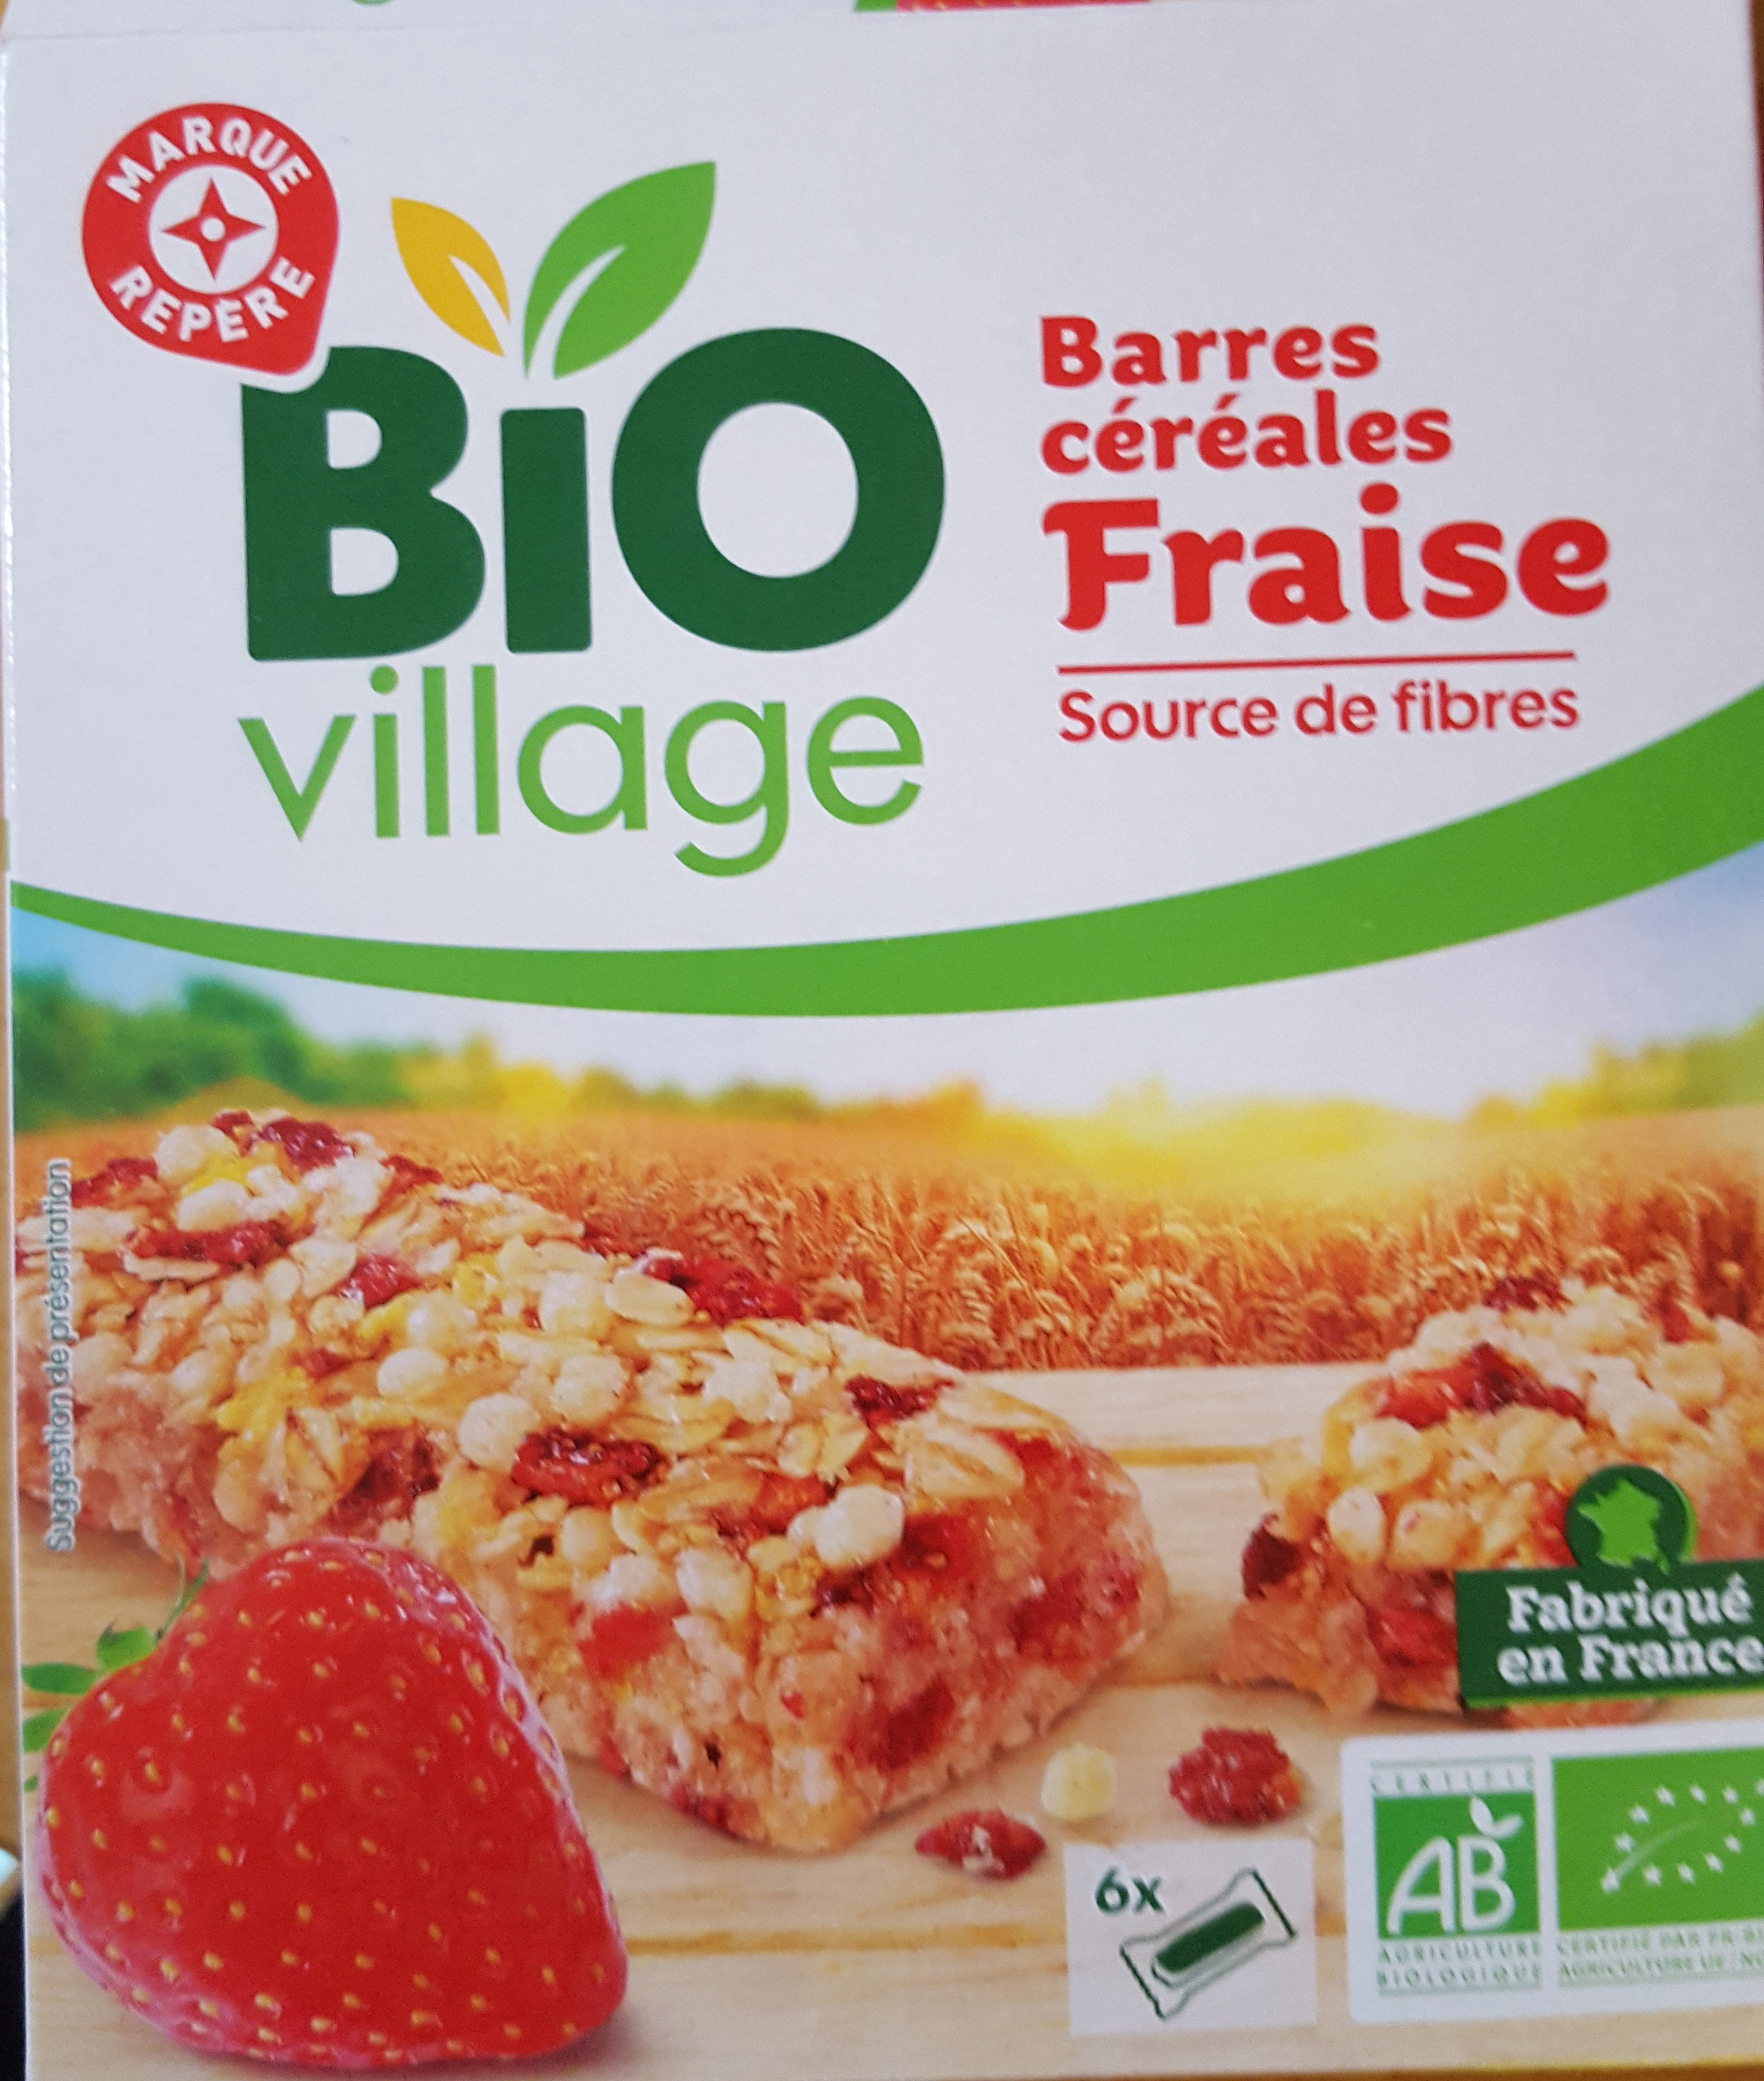 Barre céréales fraise biovillage - Product